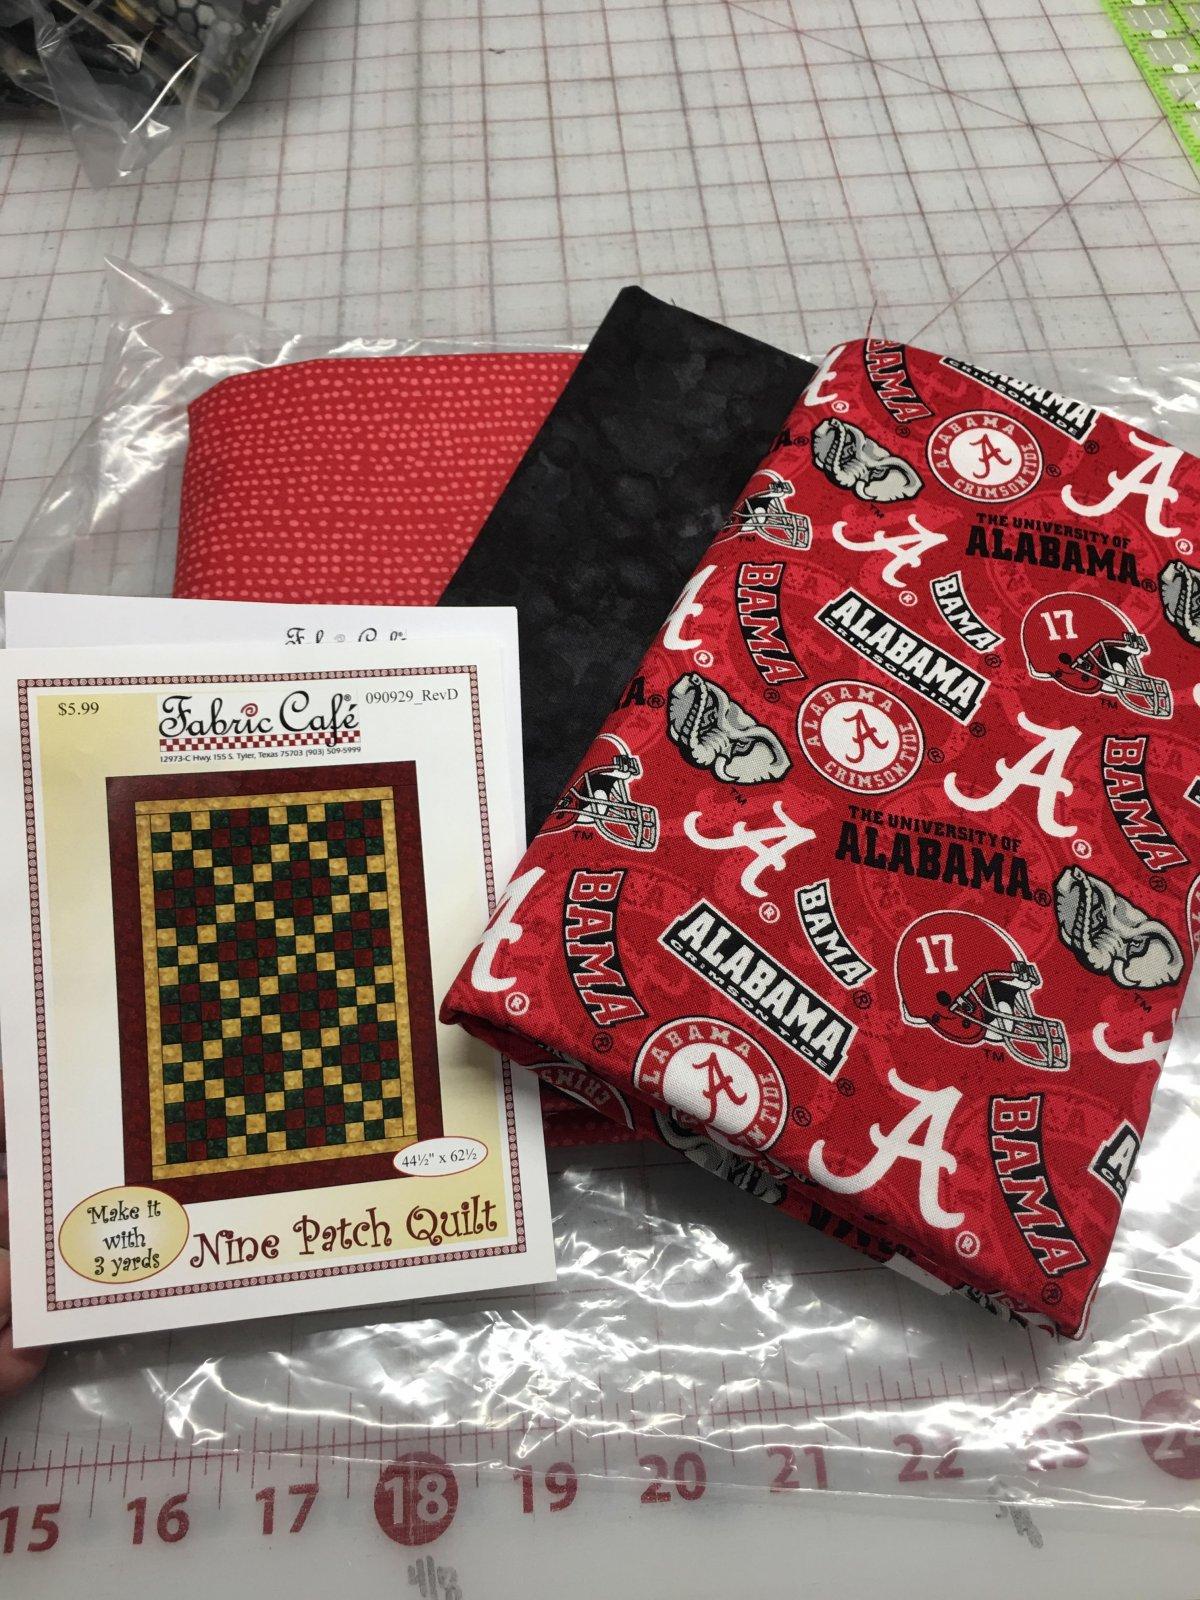 Alabama Crimson Tide 3 yd Quilt Kit